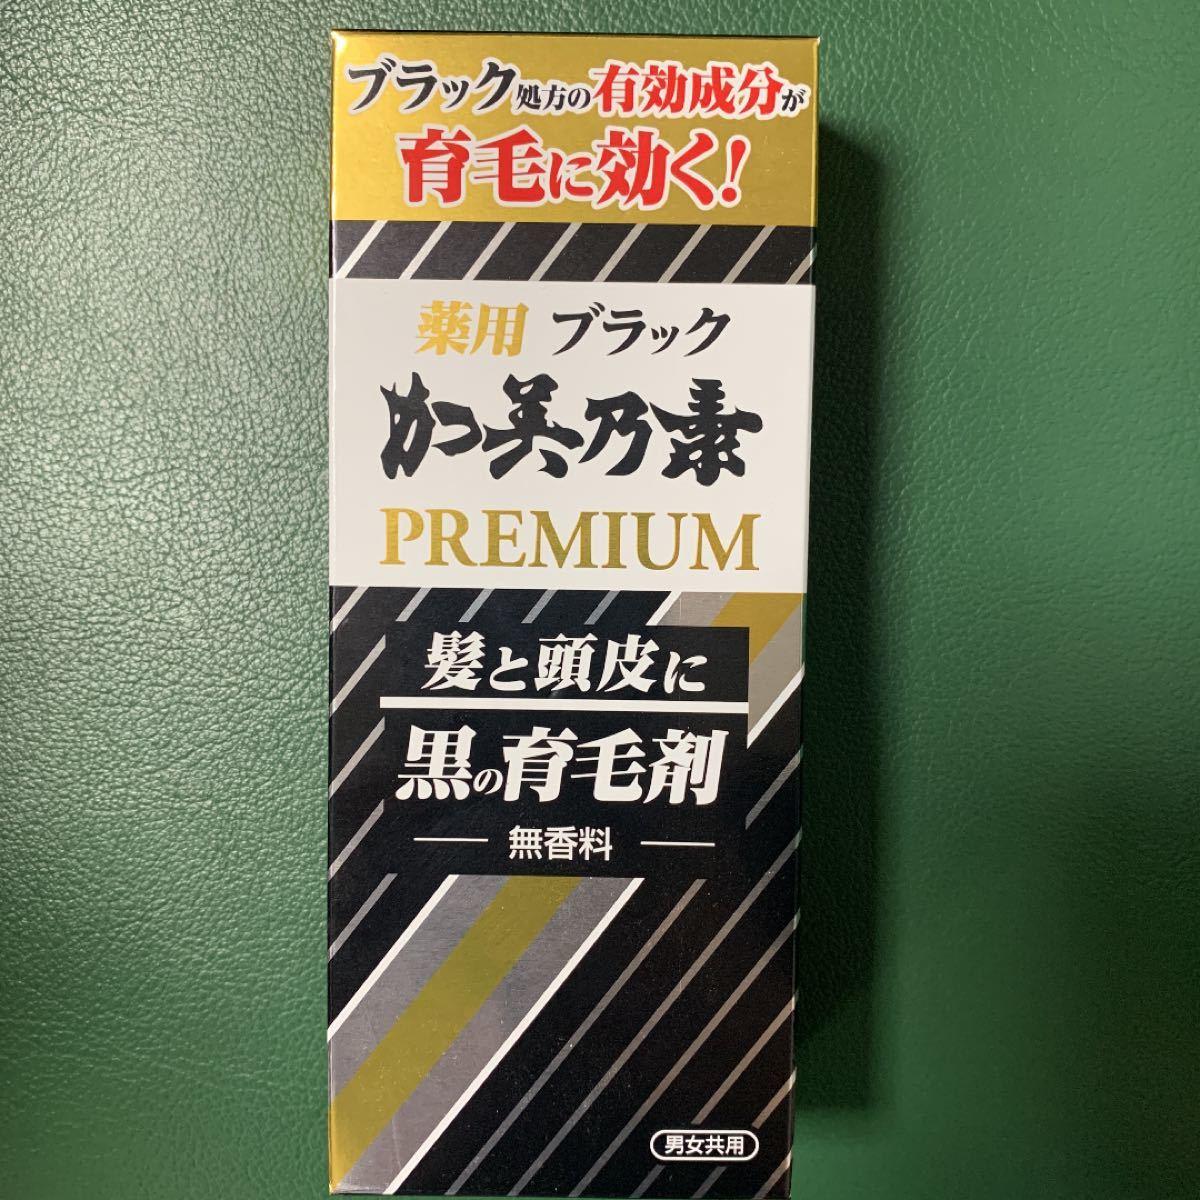 薬用ブラック加美乃素プレミアム 育毛剤